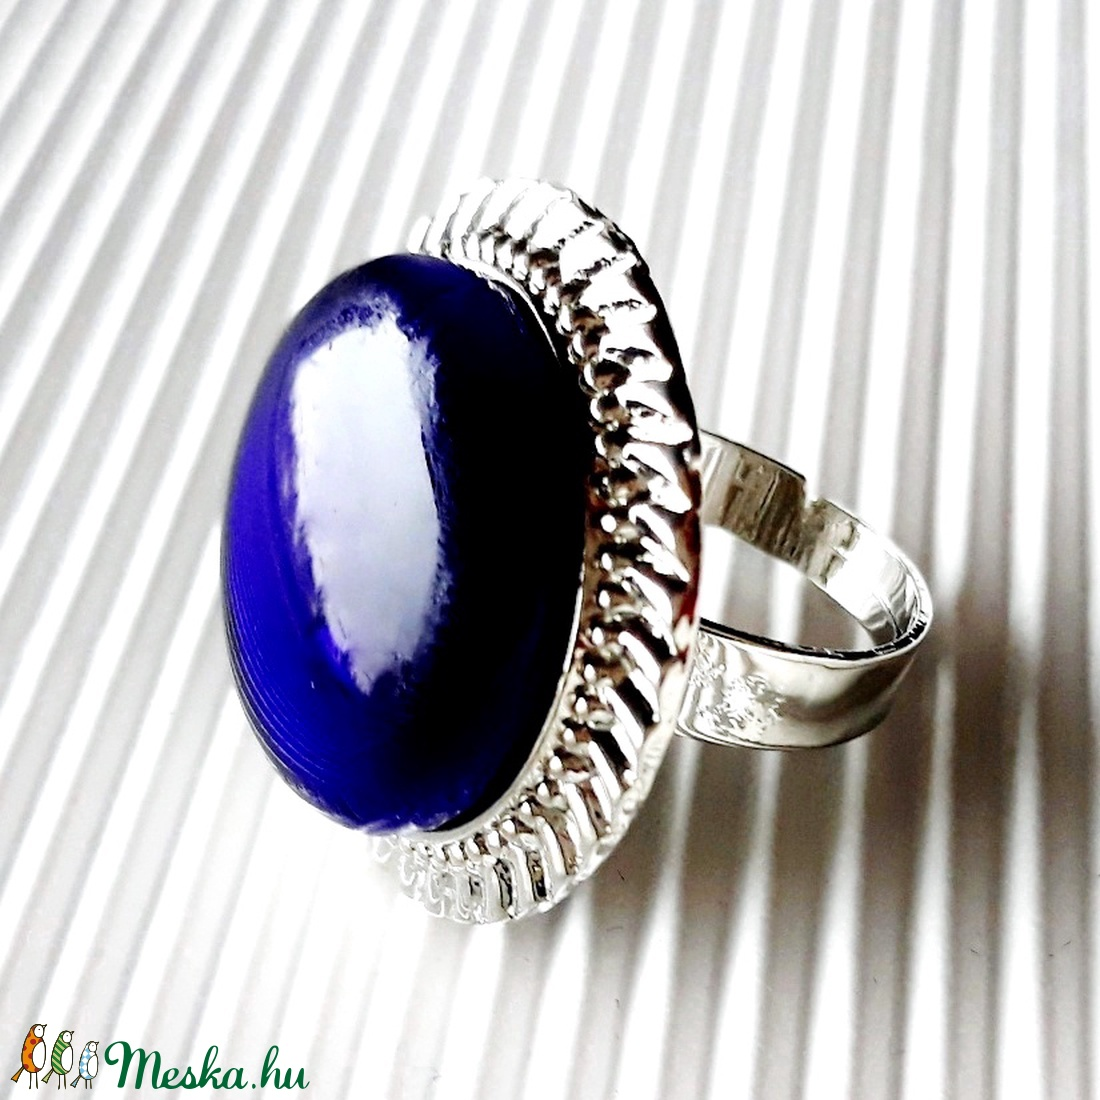 50 % AKCIÓ! - Ezüstös királykék üveg maxi gyűrű, üvegékszer - ékszer - gyűrű - statement gyűrű - Meska.hu